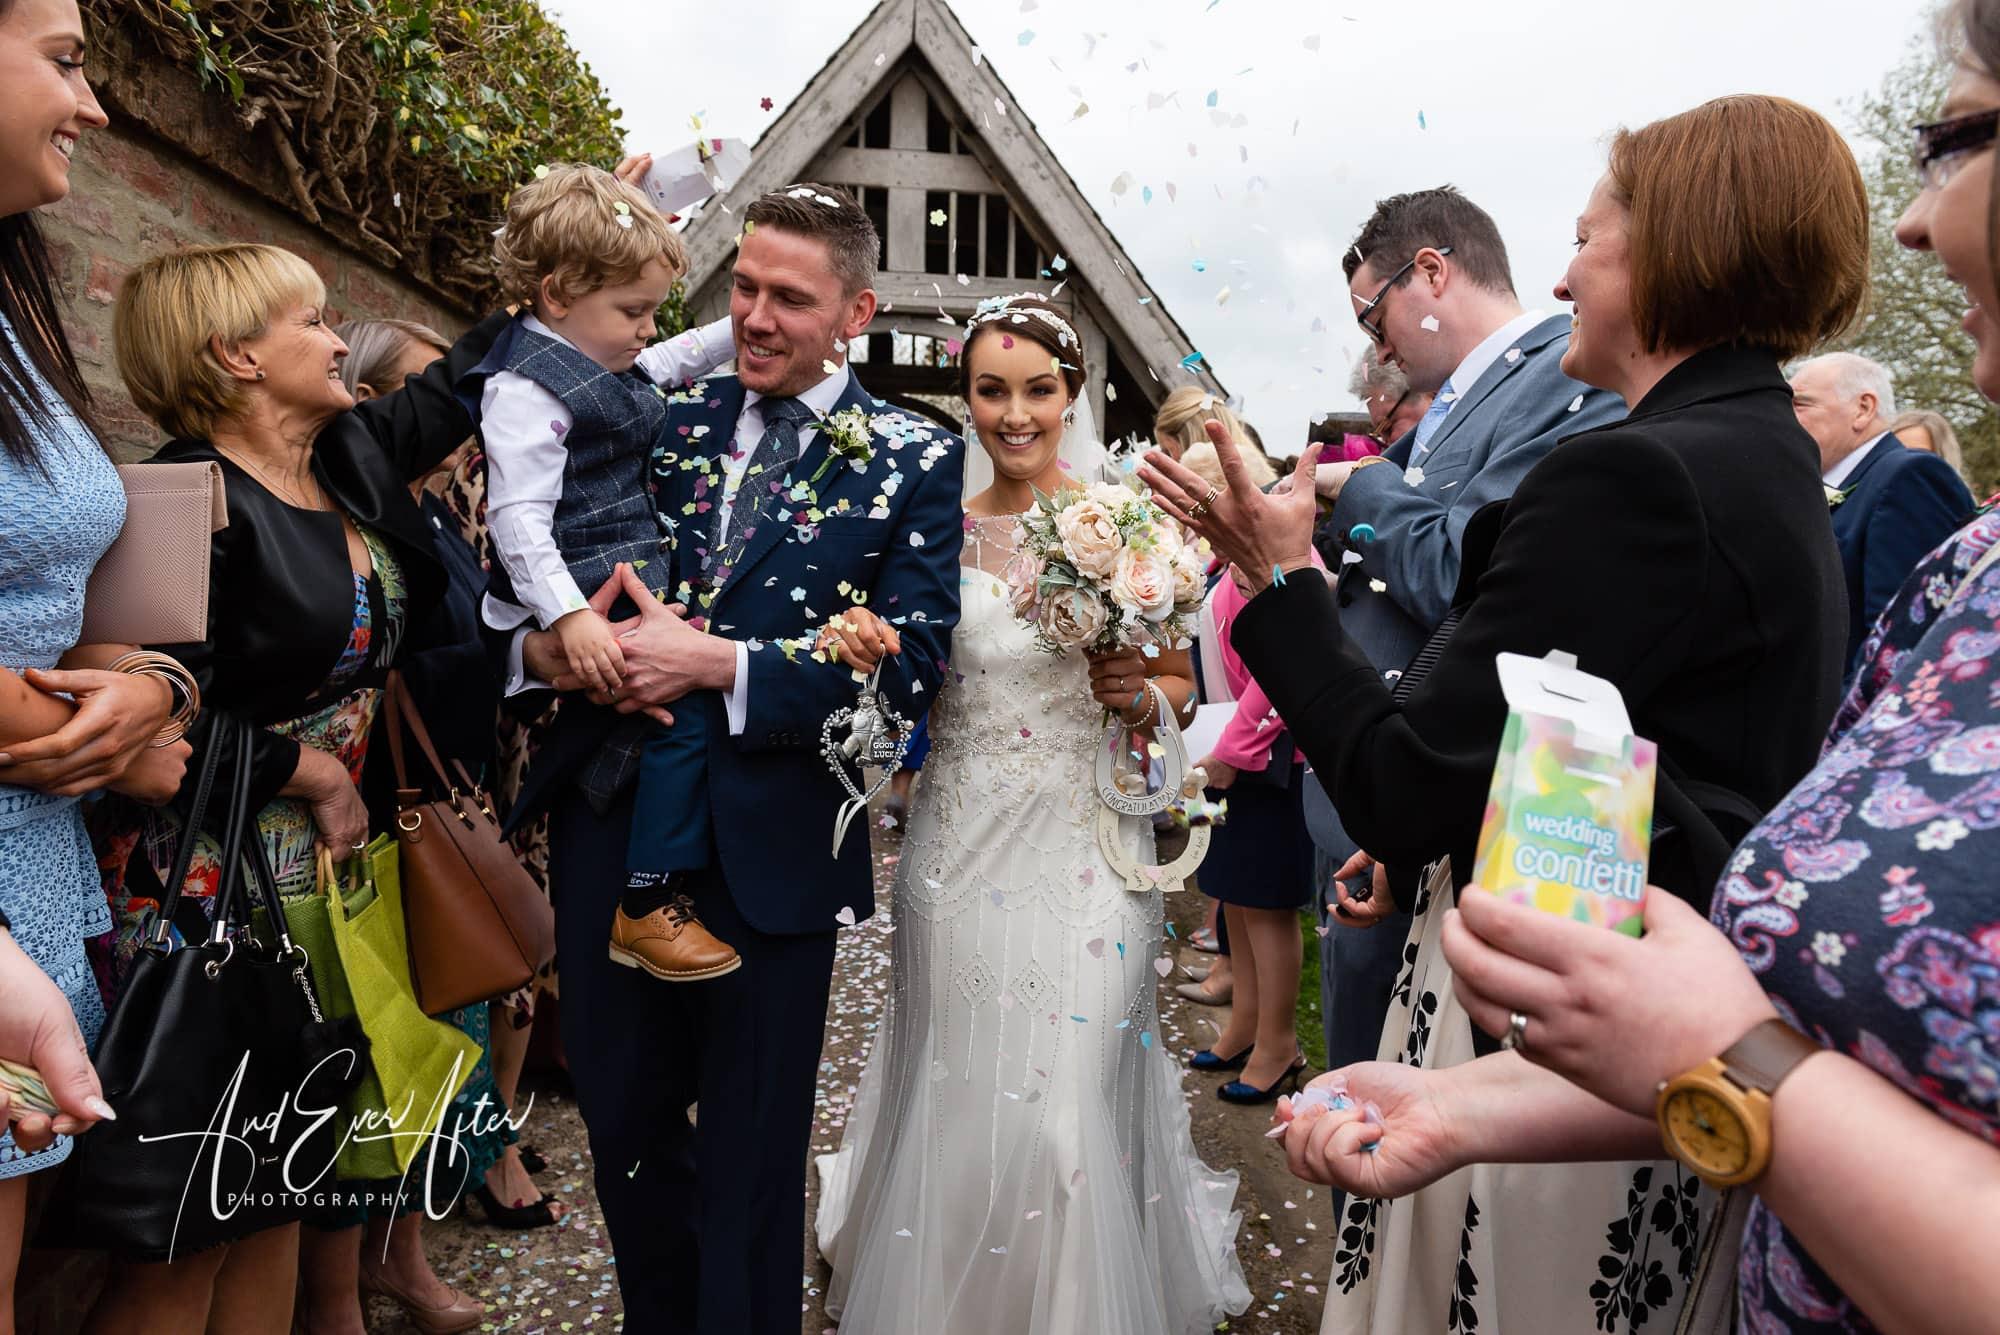 bride, groom, wedding day, love, confetti throw